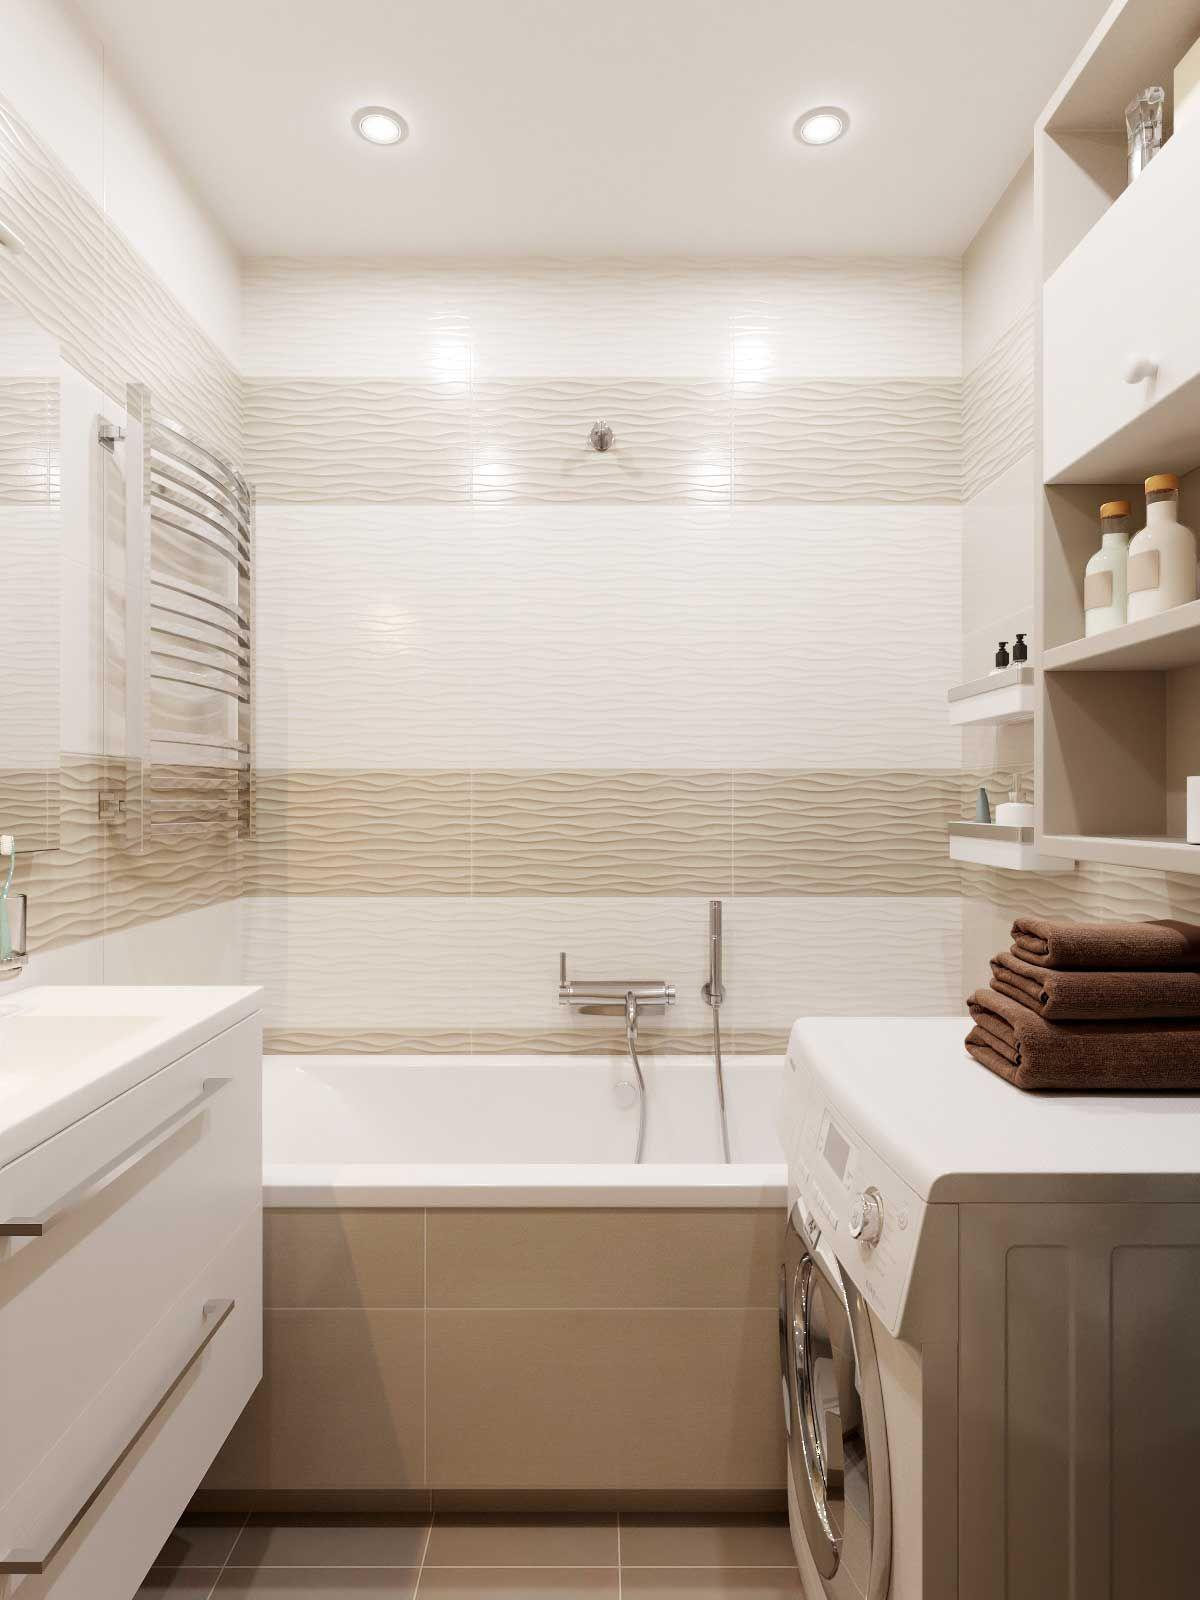 Дизайн ванной 3 кв. м. фото новинок интерьера с туалетом и ...